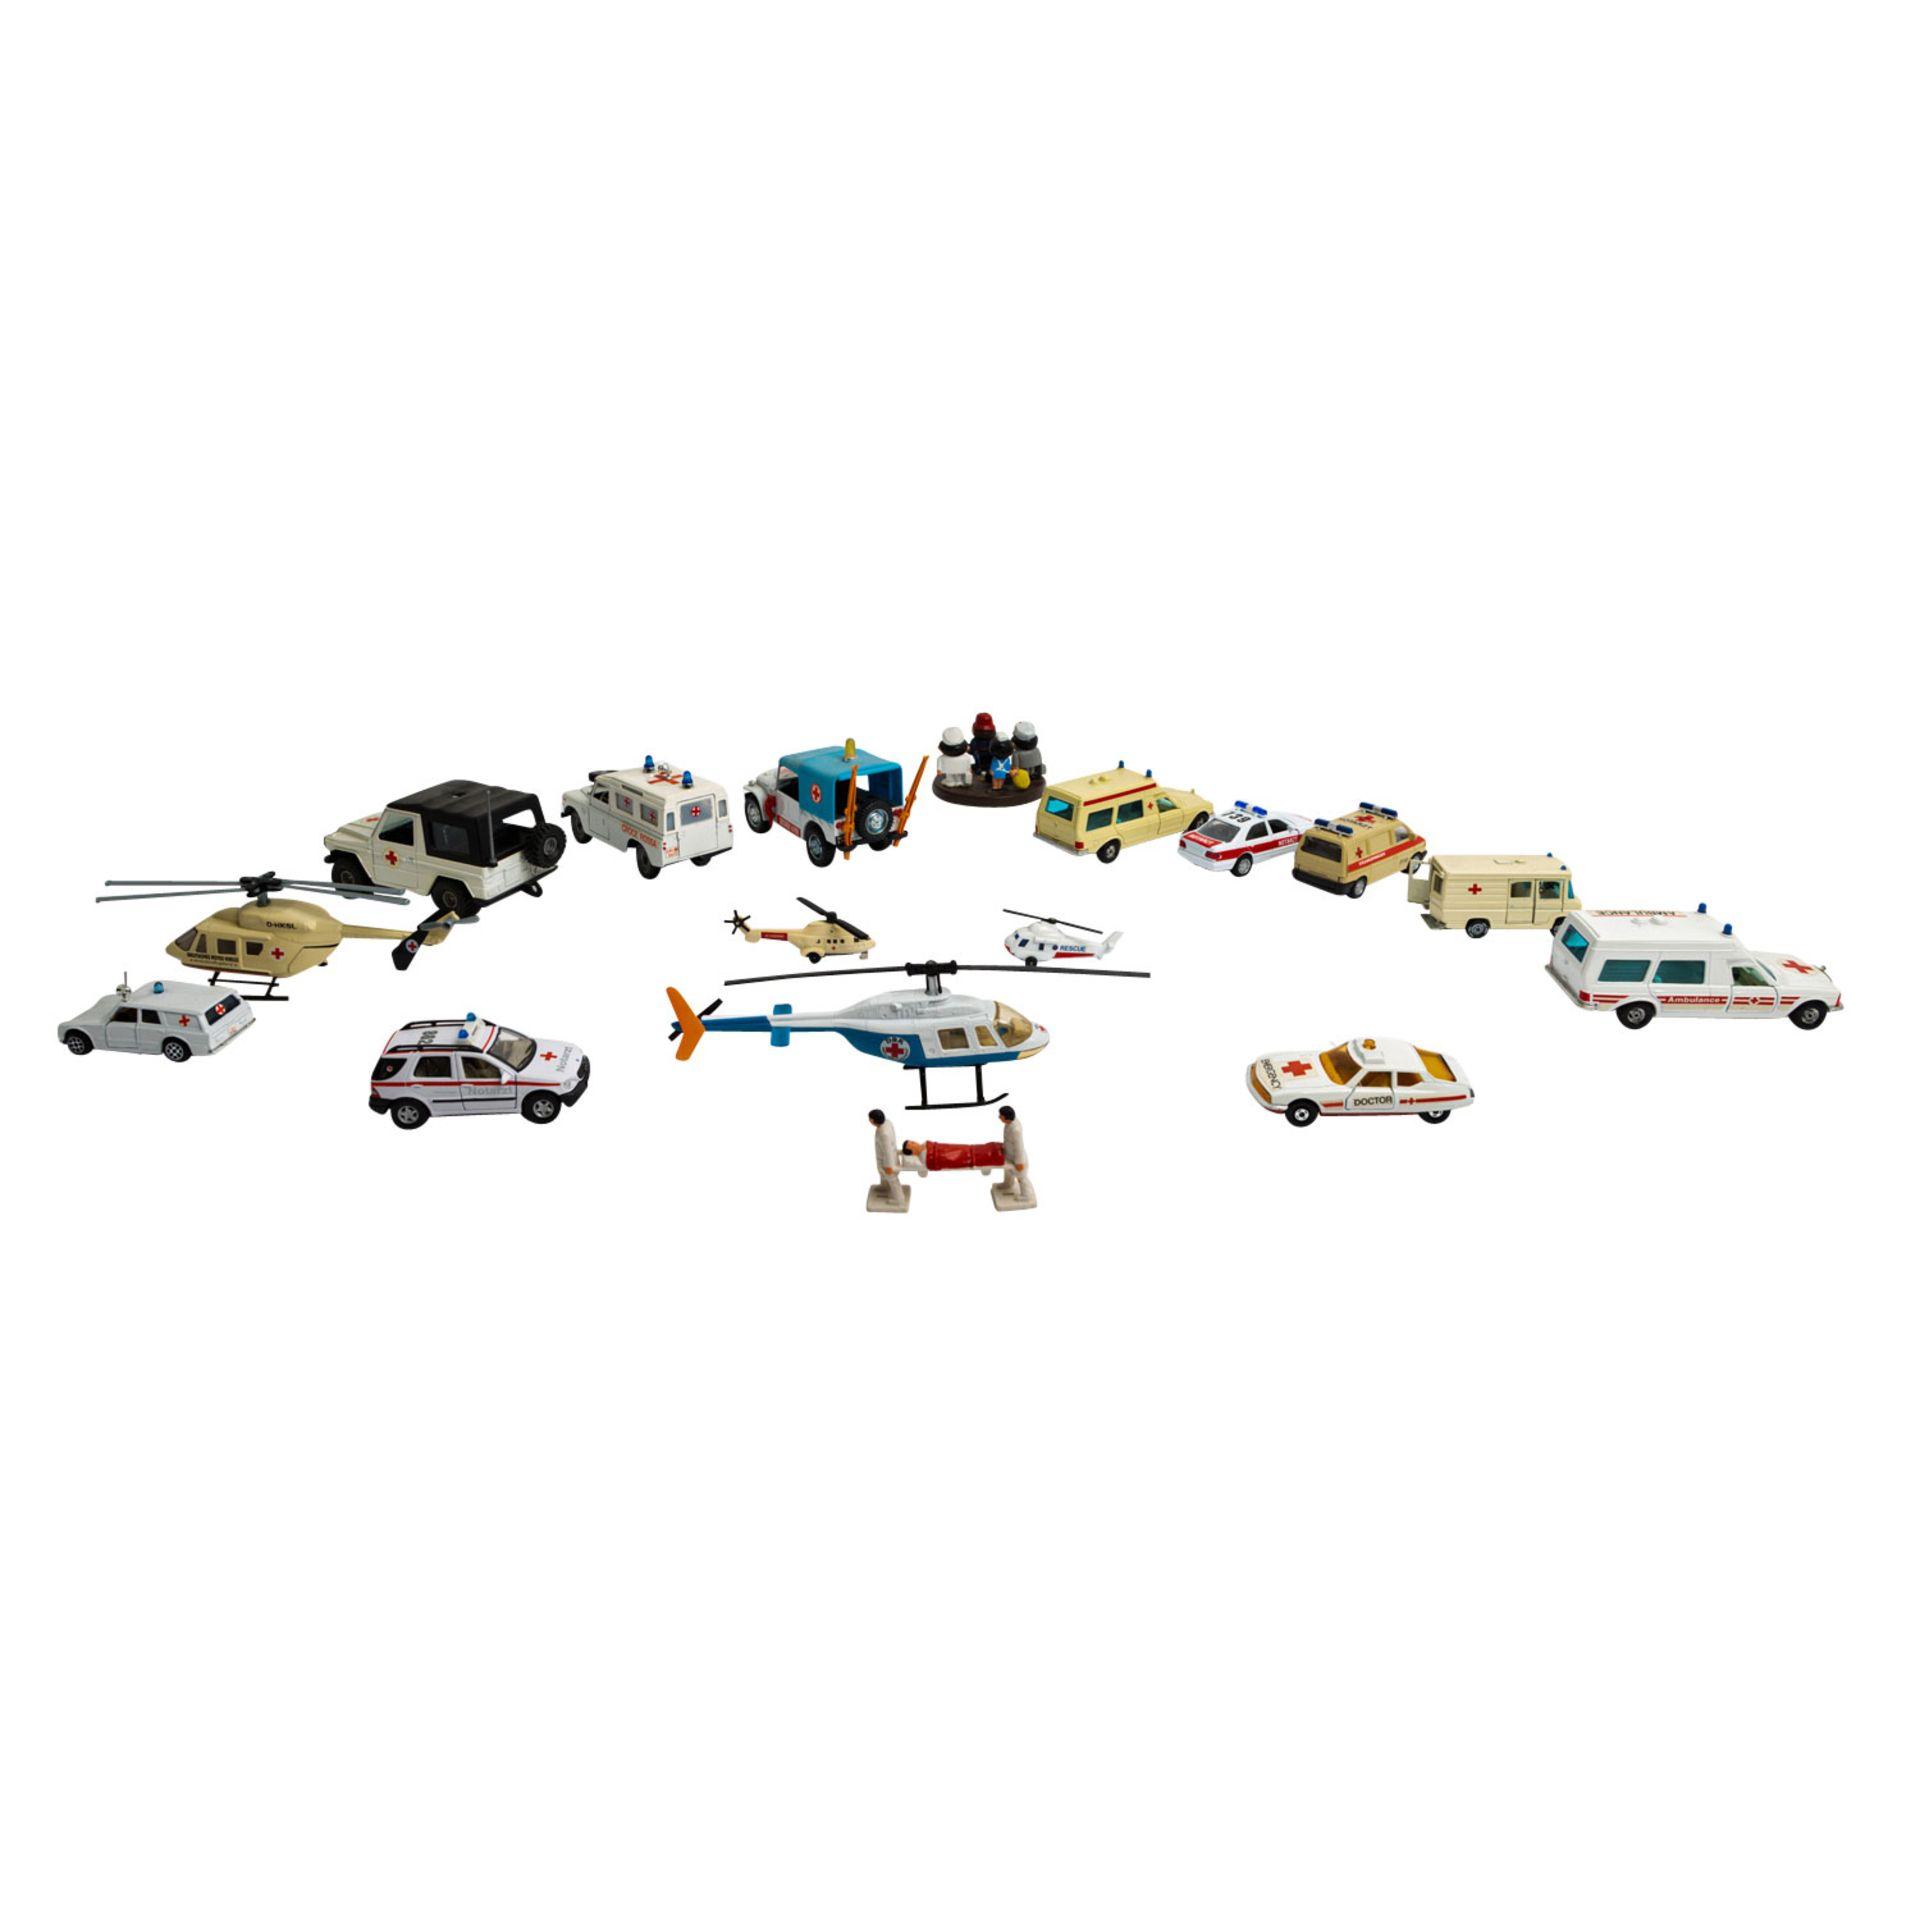 MATCHBOX/WIKING/HERPA u.v.a. Konvolut von ca. 100 Rettungsdienst-Modellfahrzeugen im Maßstab 1:87 bi - Image 5 of 7